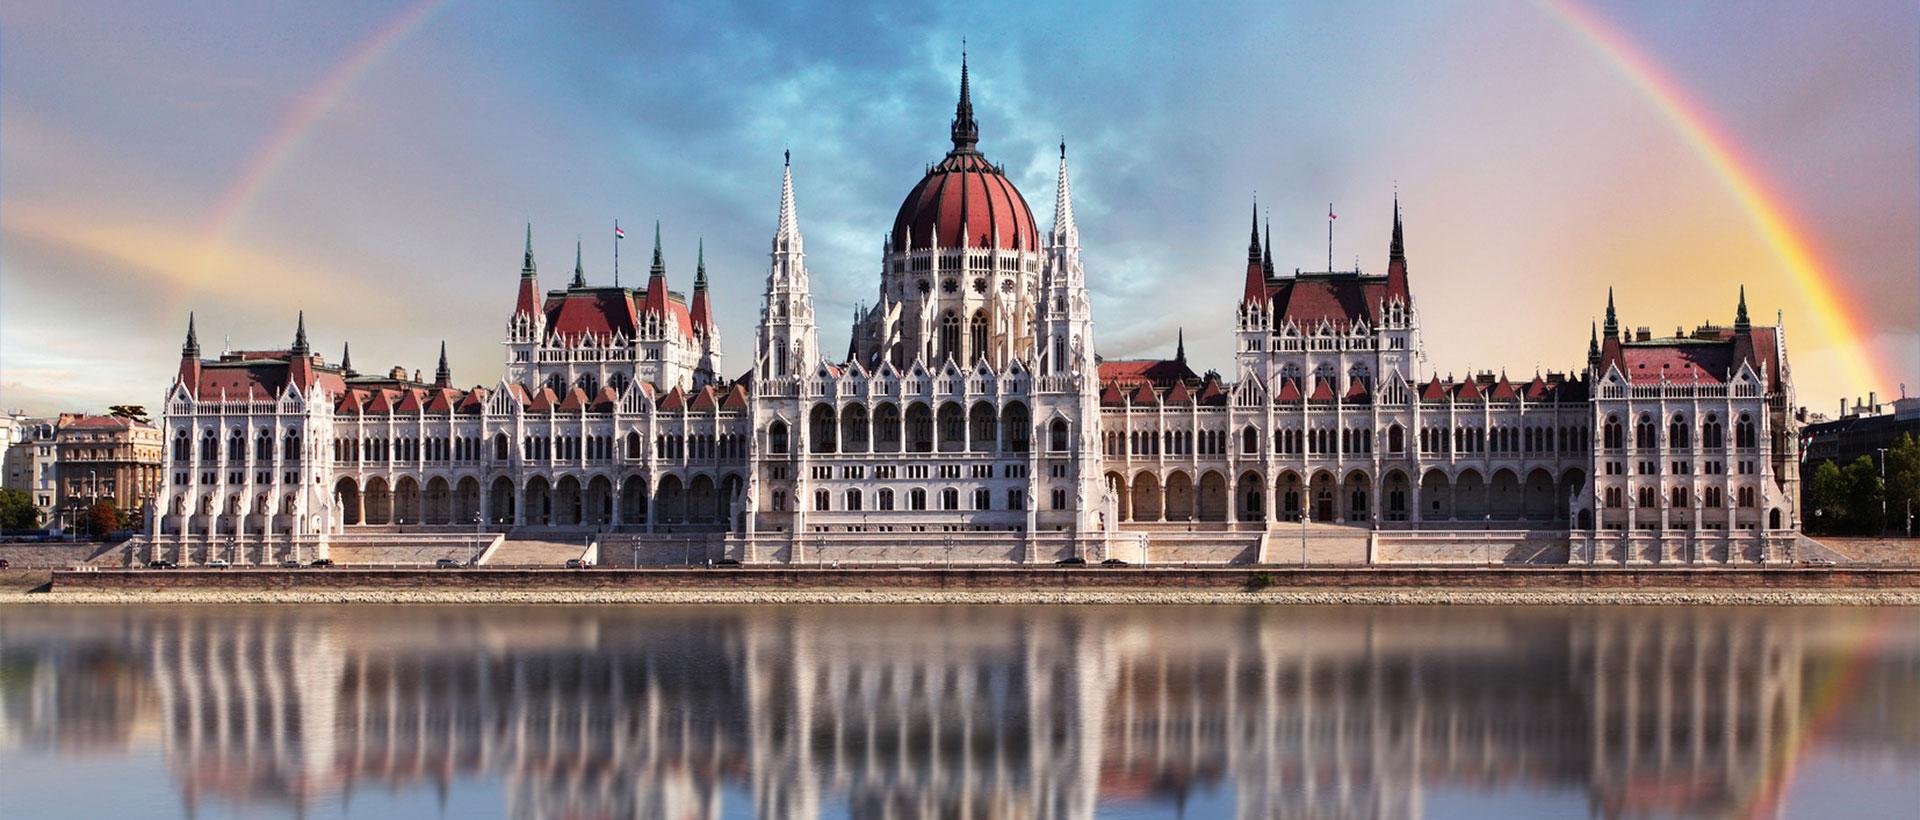 Венгерский премьер Орбан подыграл Путину в критике украинского закона об образовании, - Арьев - Цензор.НЕТ 8769